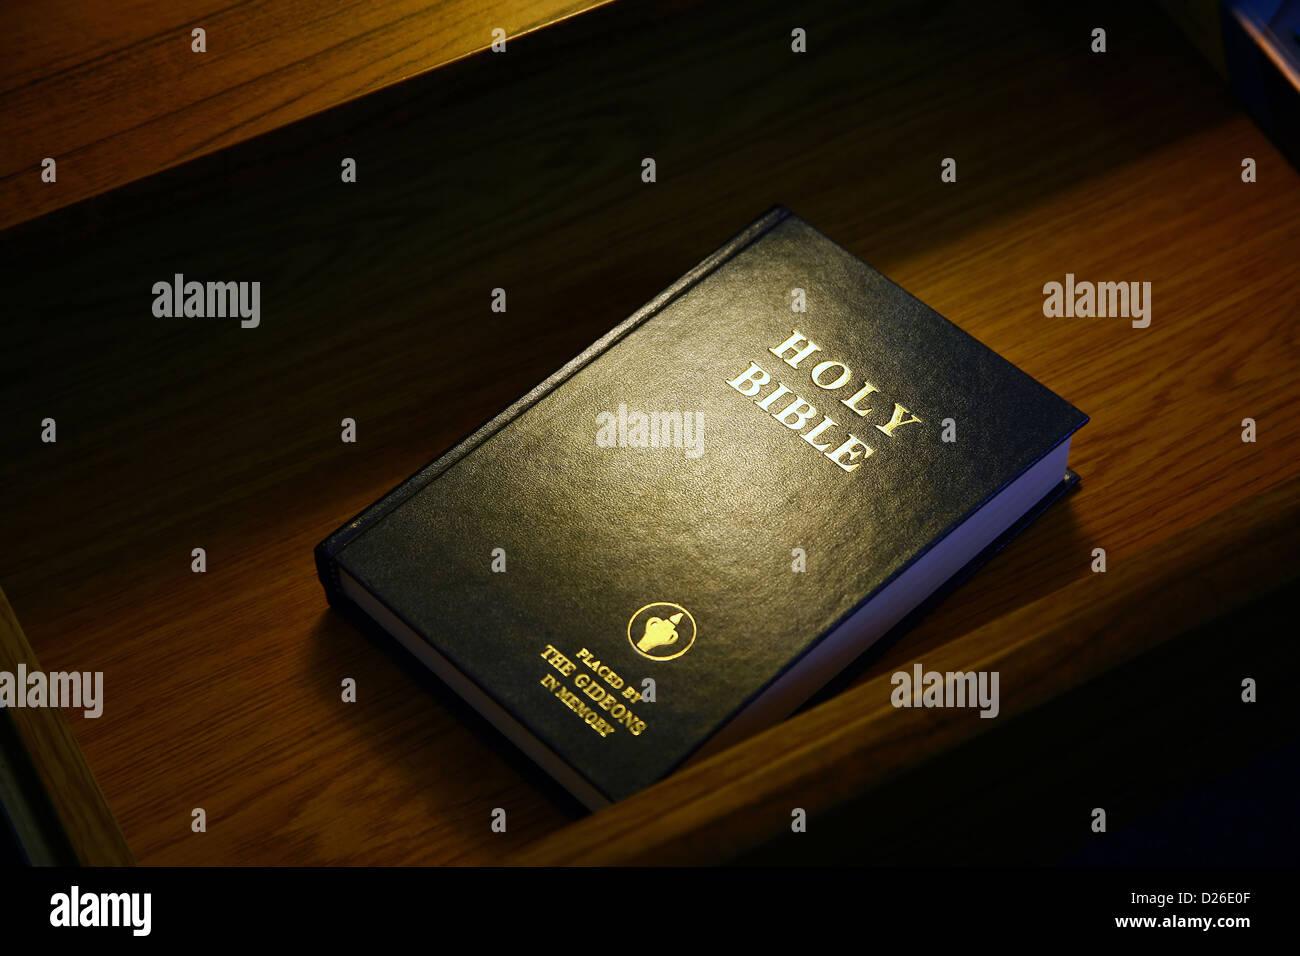 Gideon Bible in motel desk drawer - Stock Image